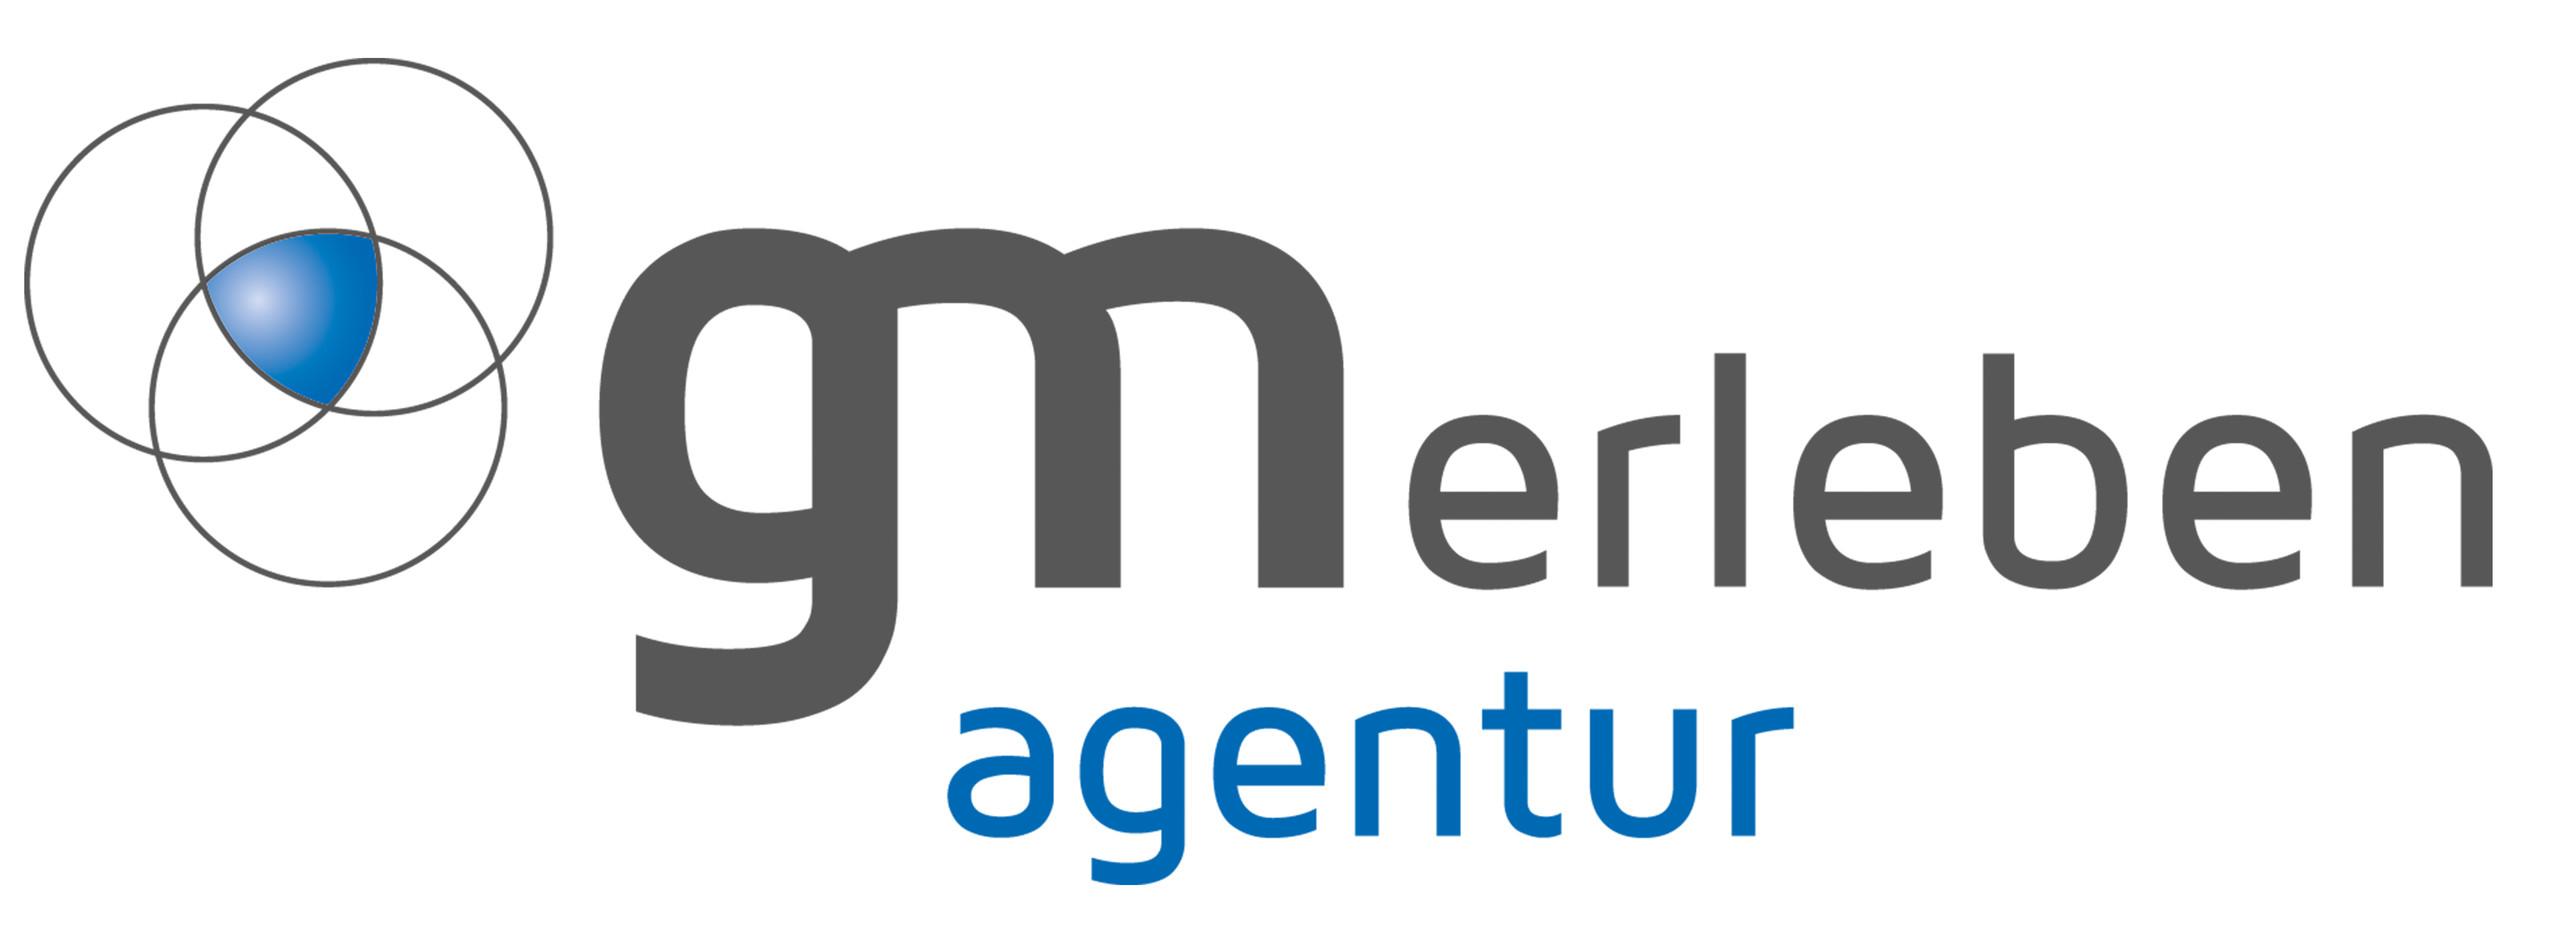 GMerleben Agentur